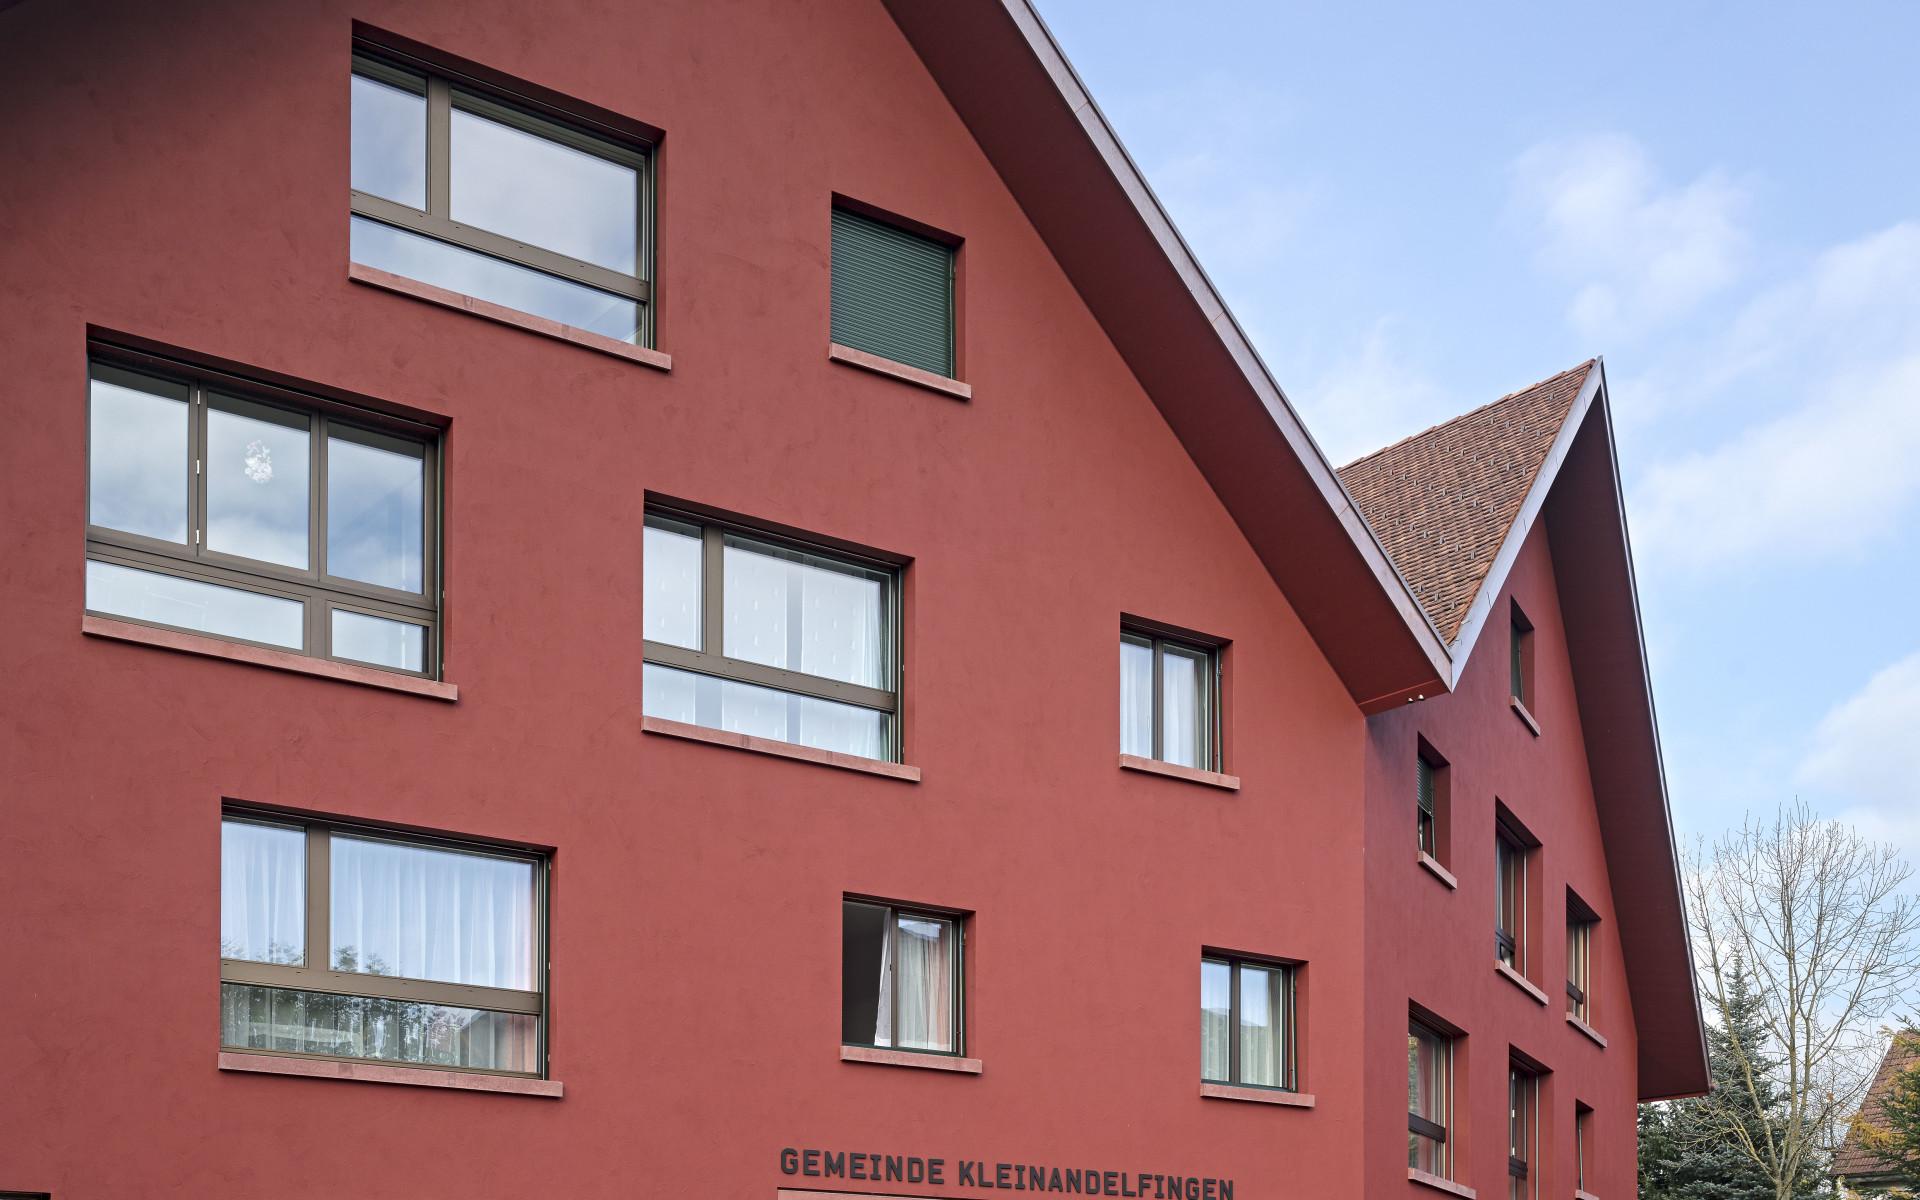 Gemeindeverwaltung_Kleinandelfingen_4-1.JPG